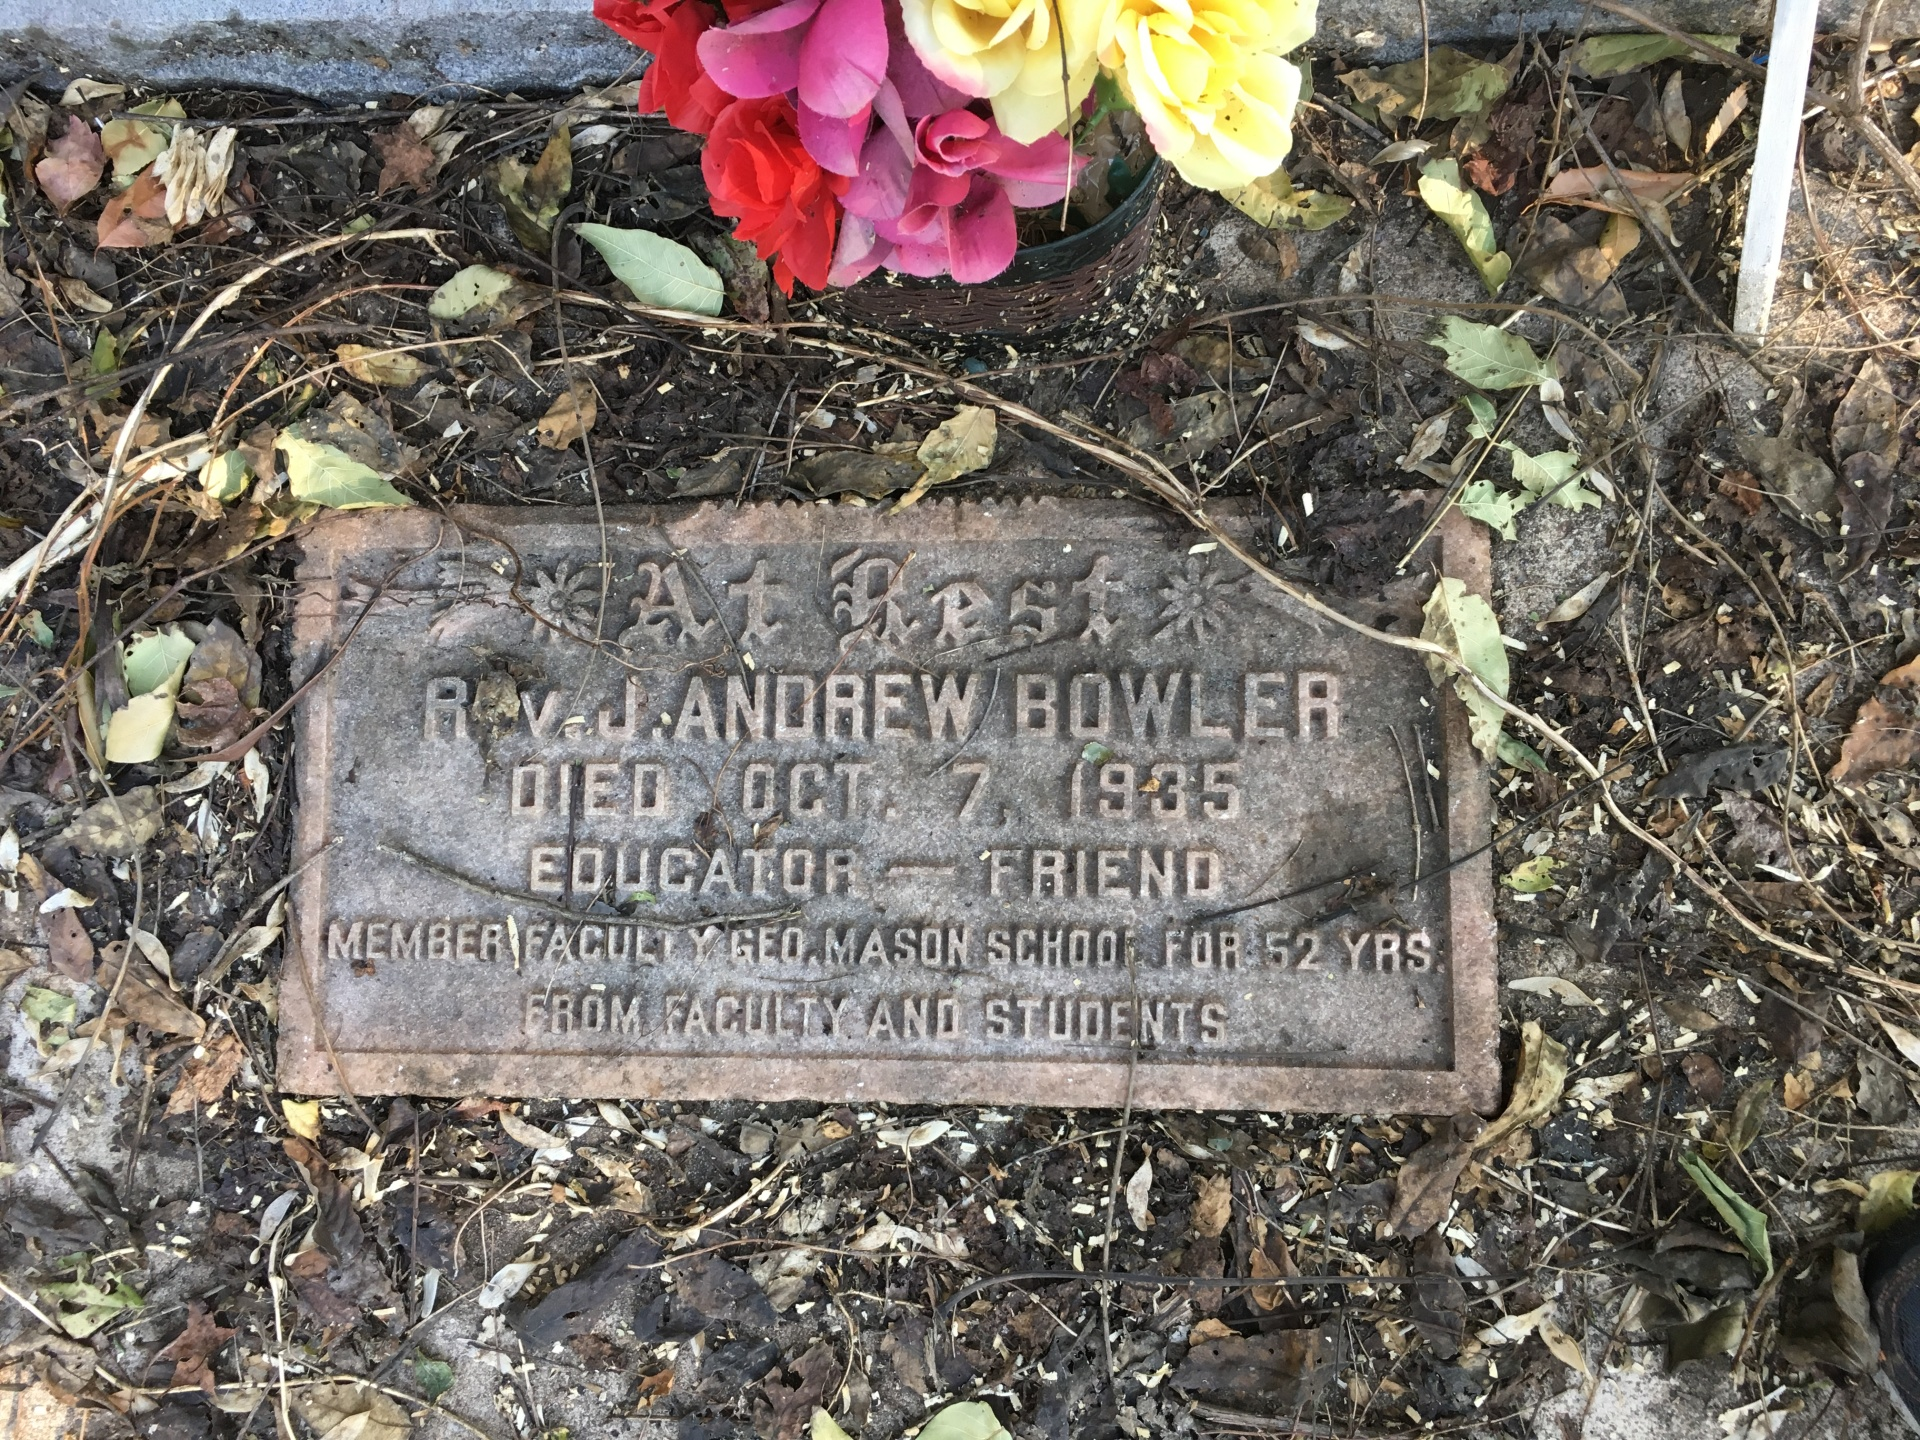 Rev. J. Andrew Bowler's Foot Stone